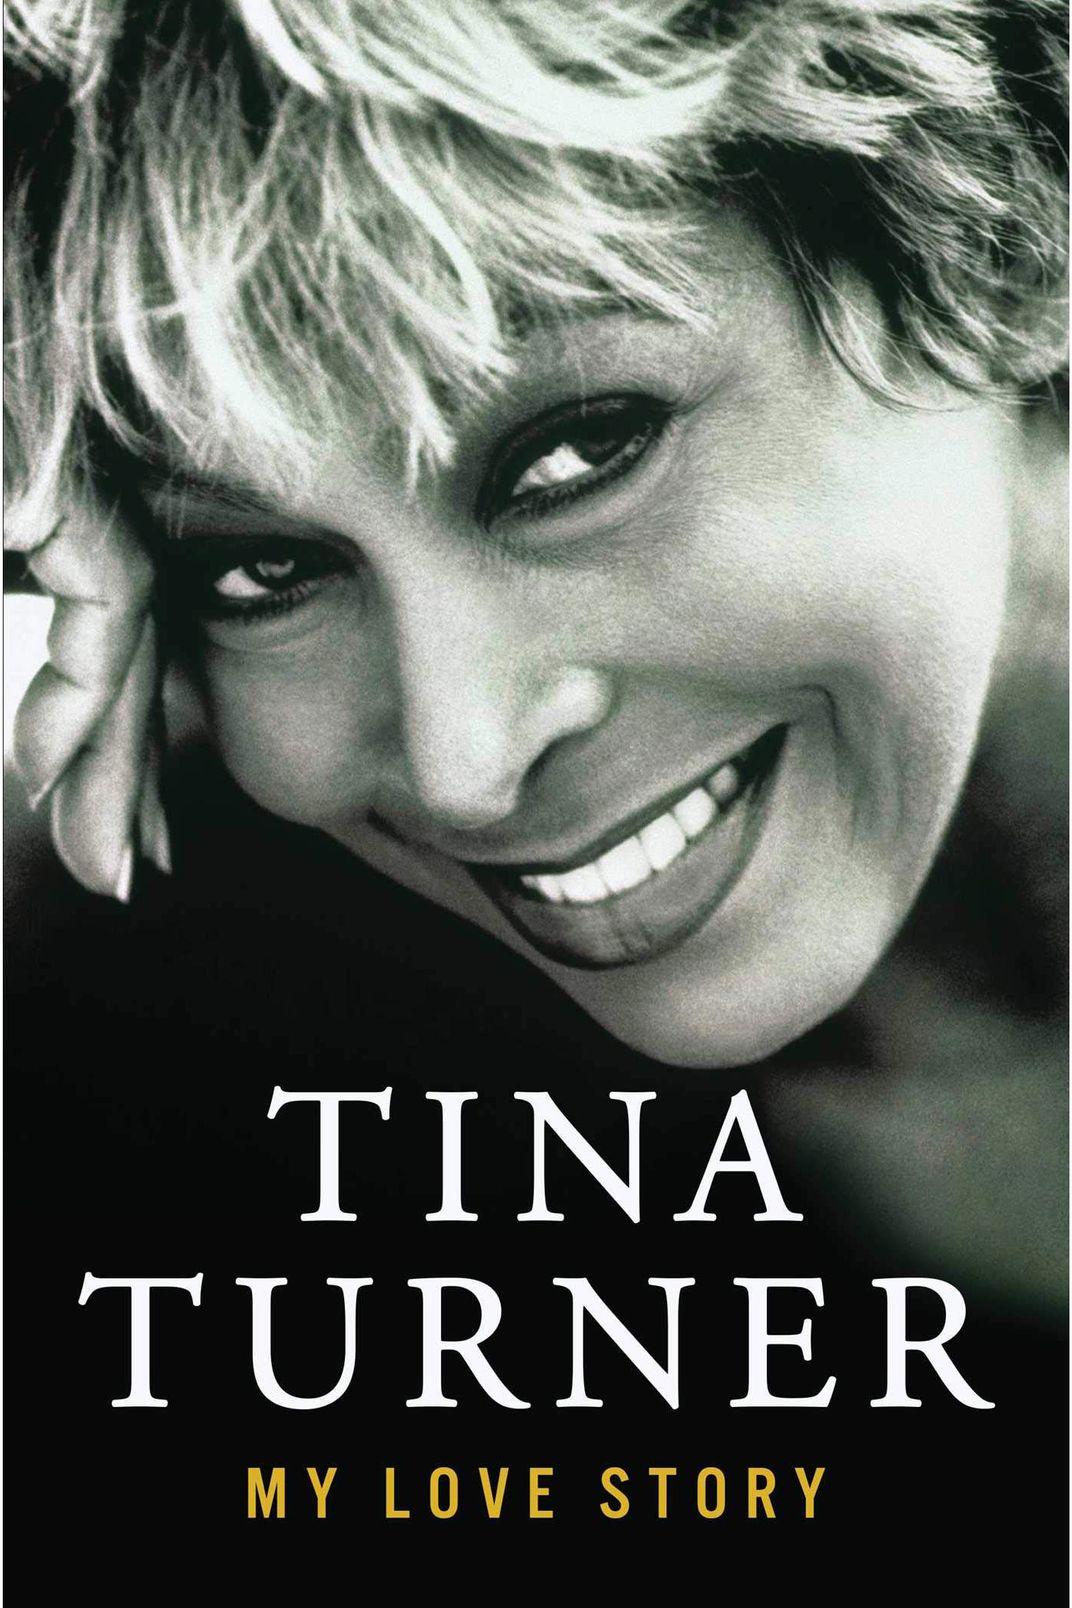 <em>My Love Story</em>, by Tina Turner (Atria Books, Oct. 16)